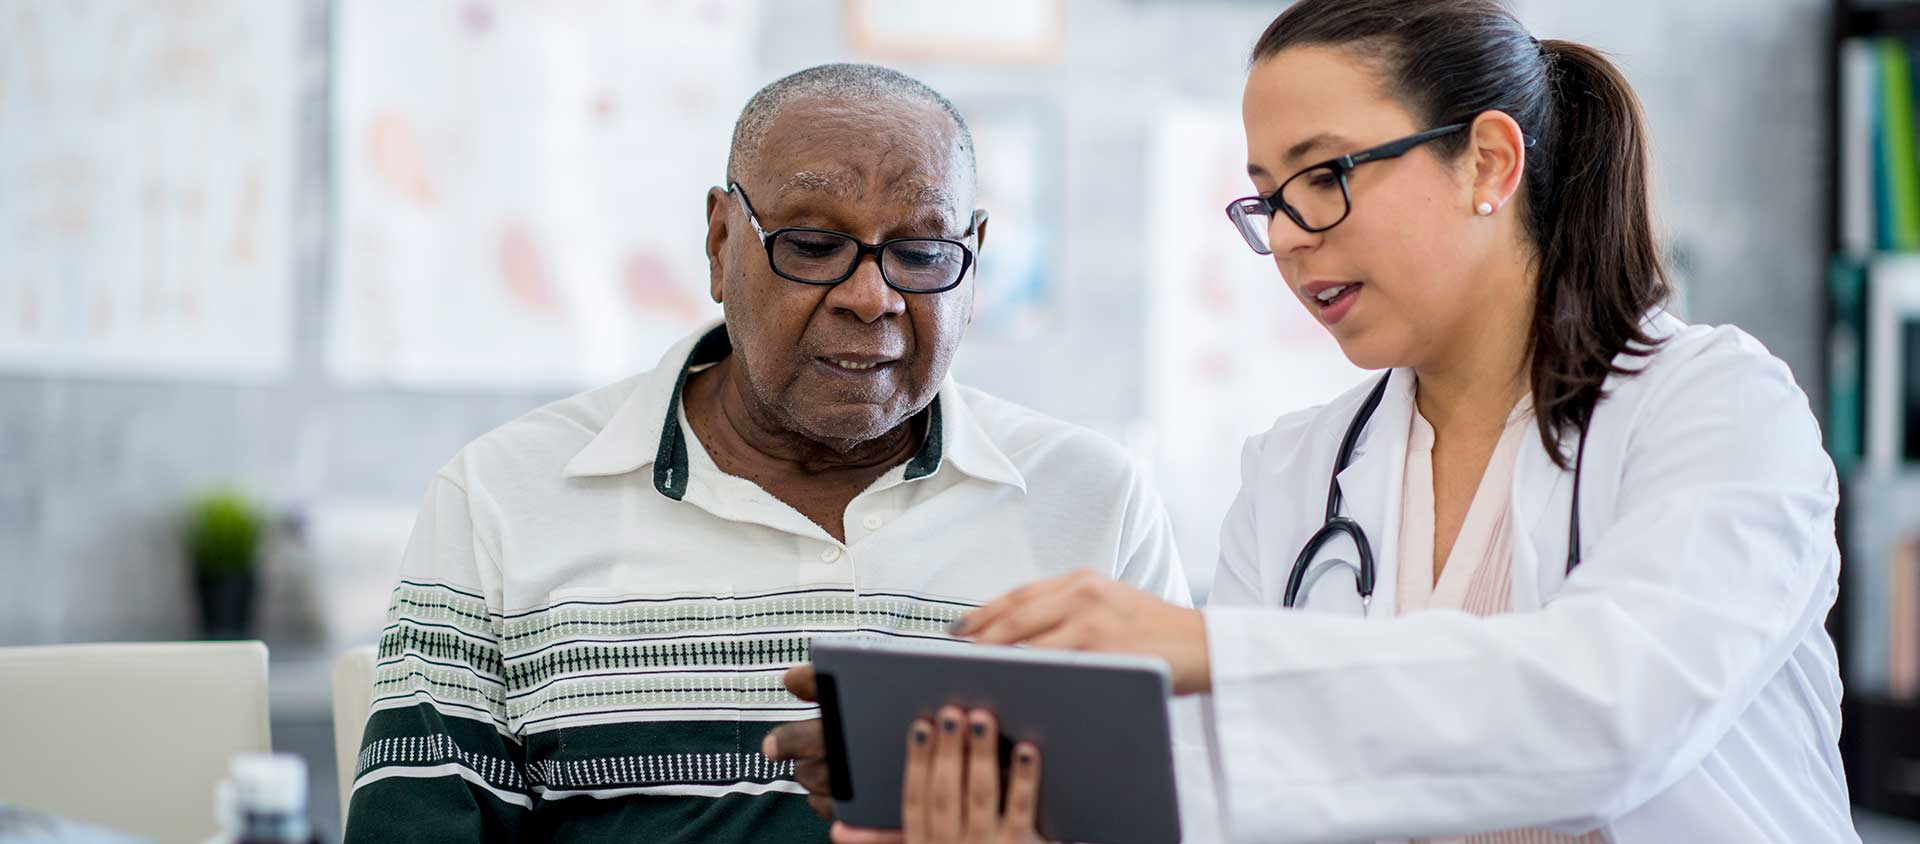 Telemedicina: o que muda com a nova resolução do CFM